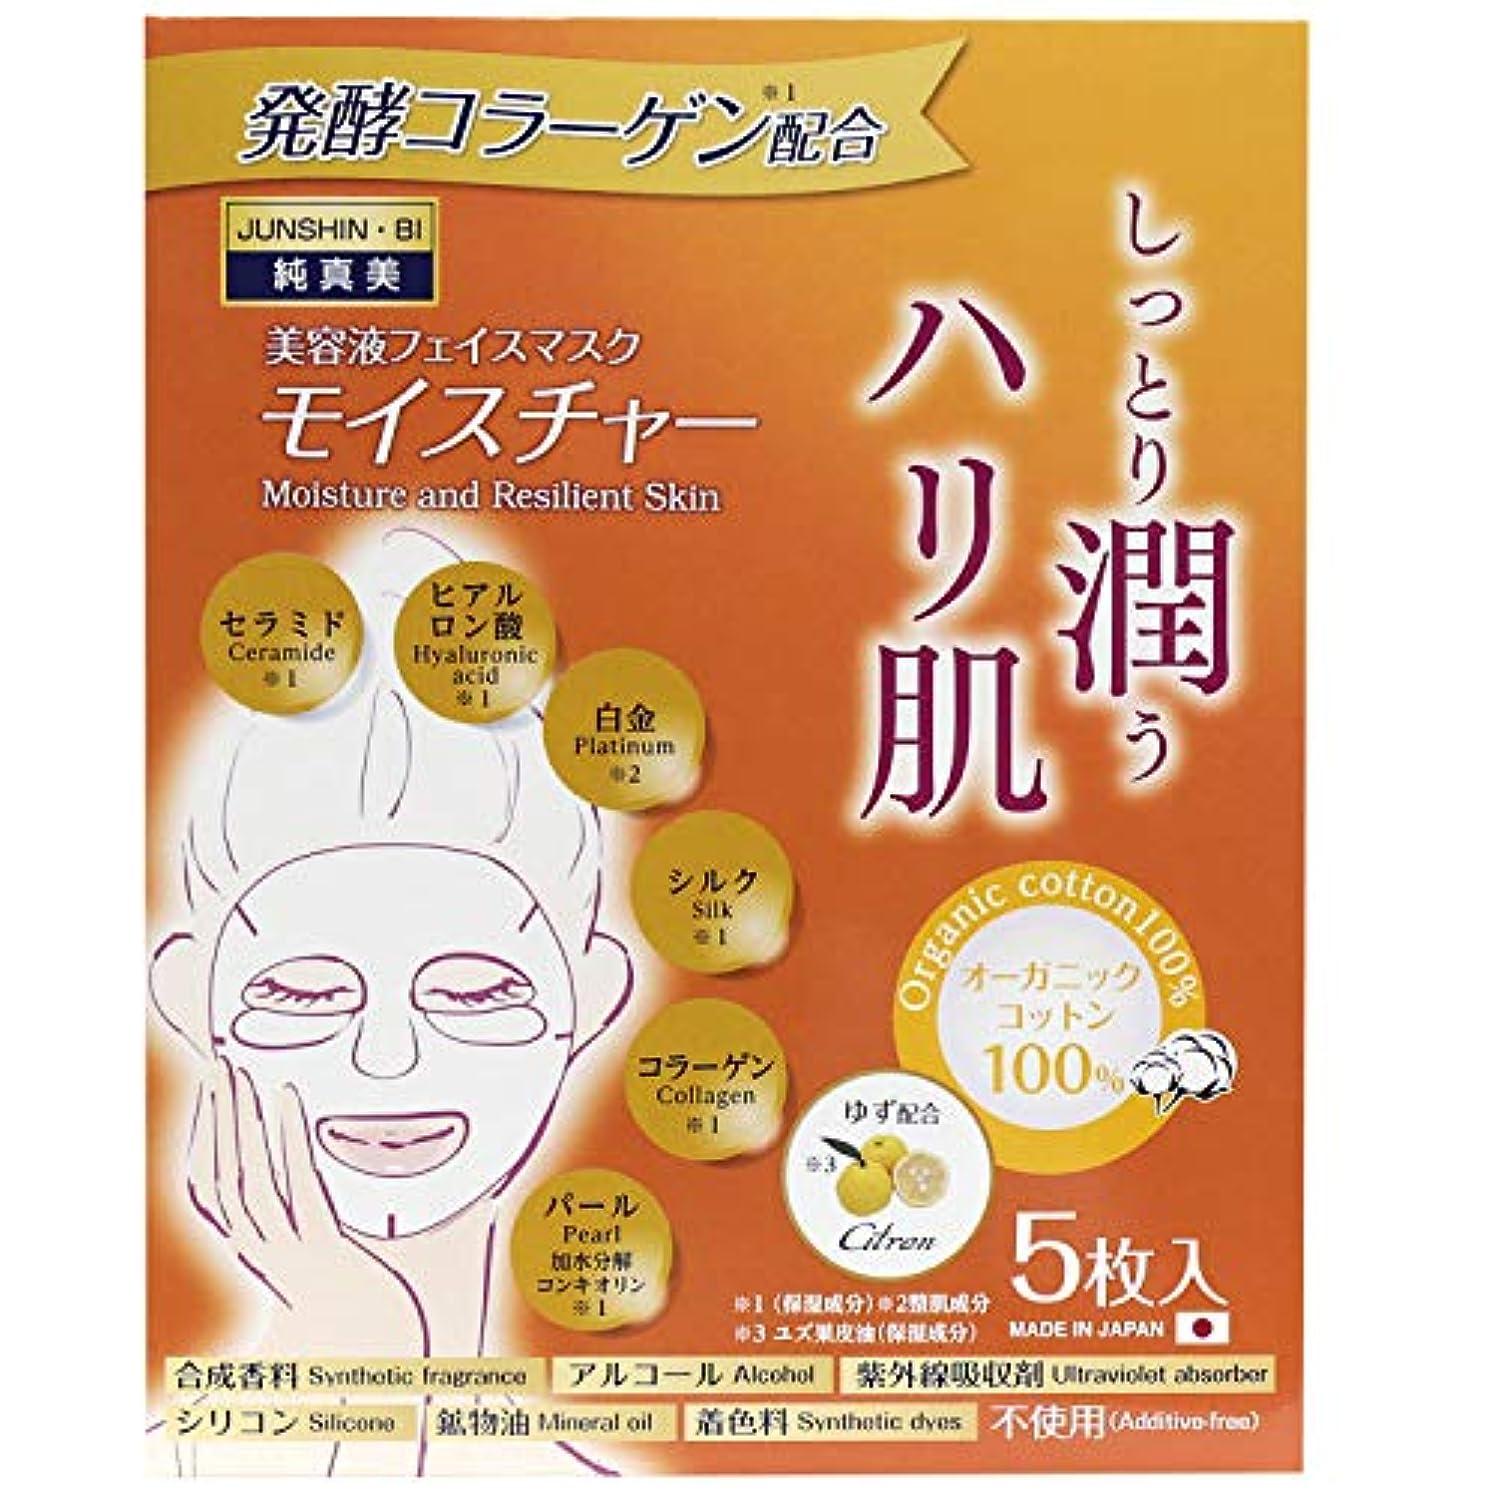 アーティスト連続した掘るJunshin Bi 発酵コラーゲン 美容液 マスク (モイスチャー)